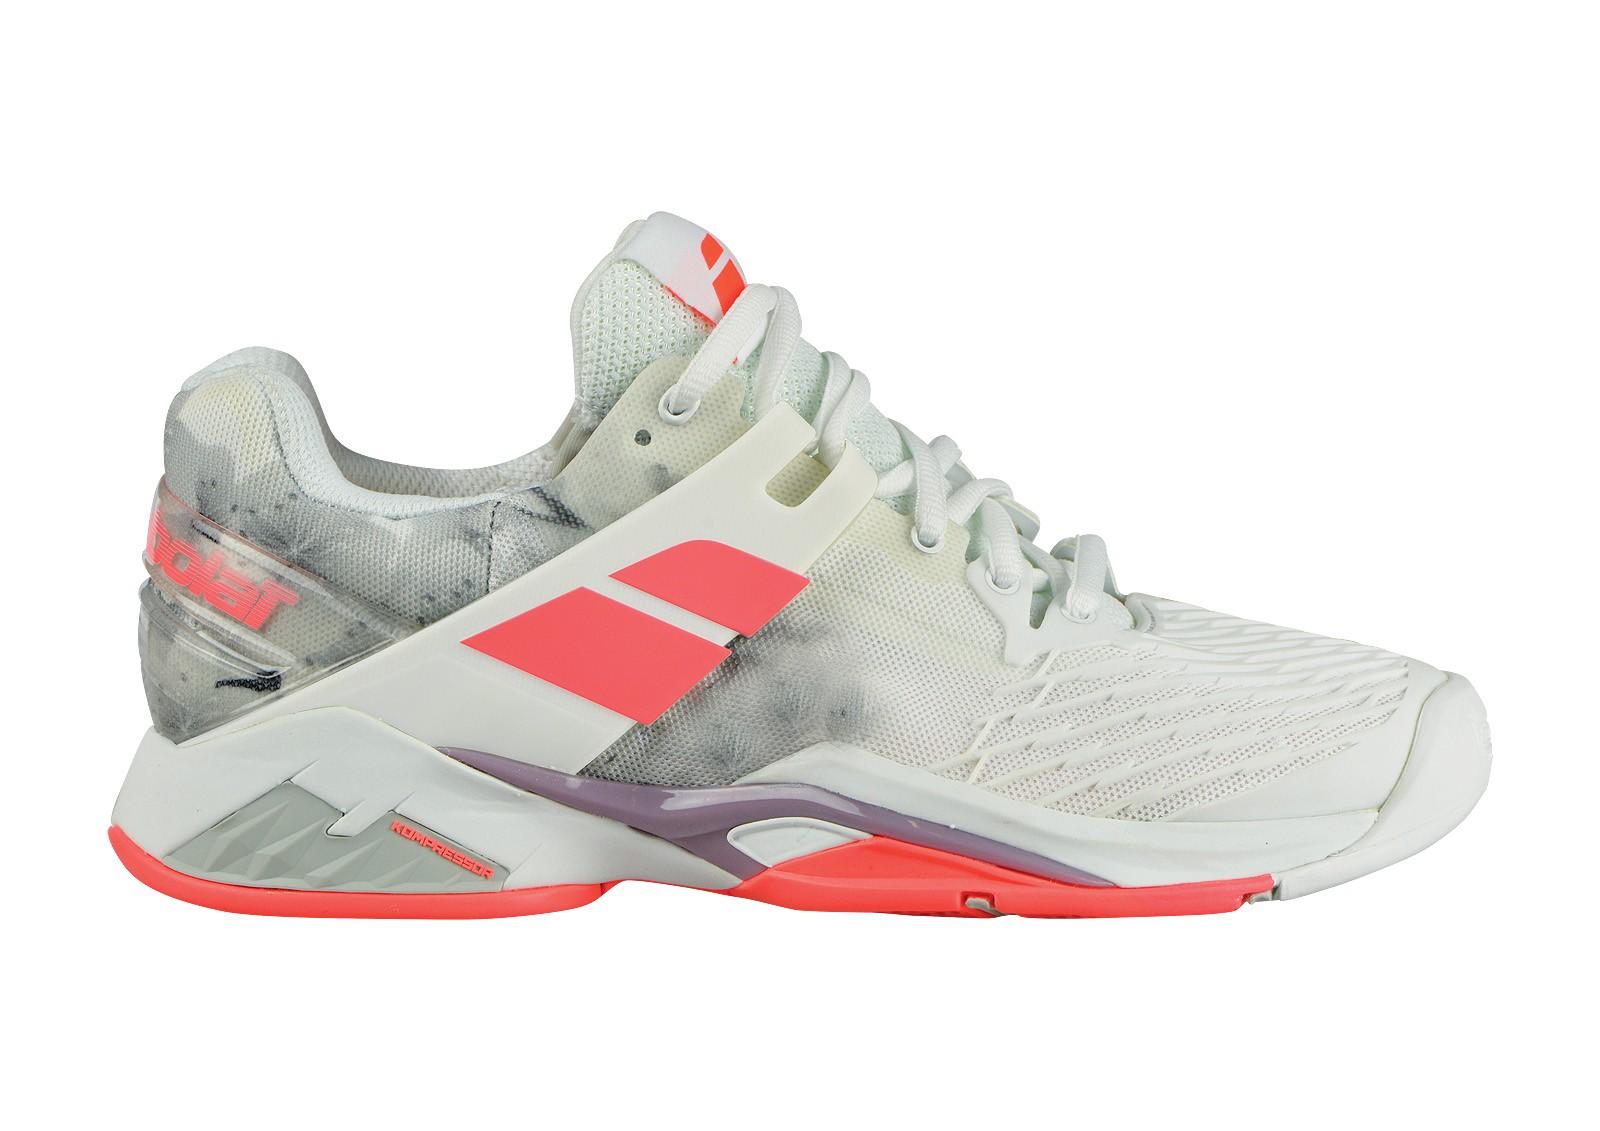 Buty tenisowe damskie Babolat Propulse Fury All Court White - Wyprzedaż -40%